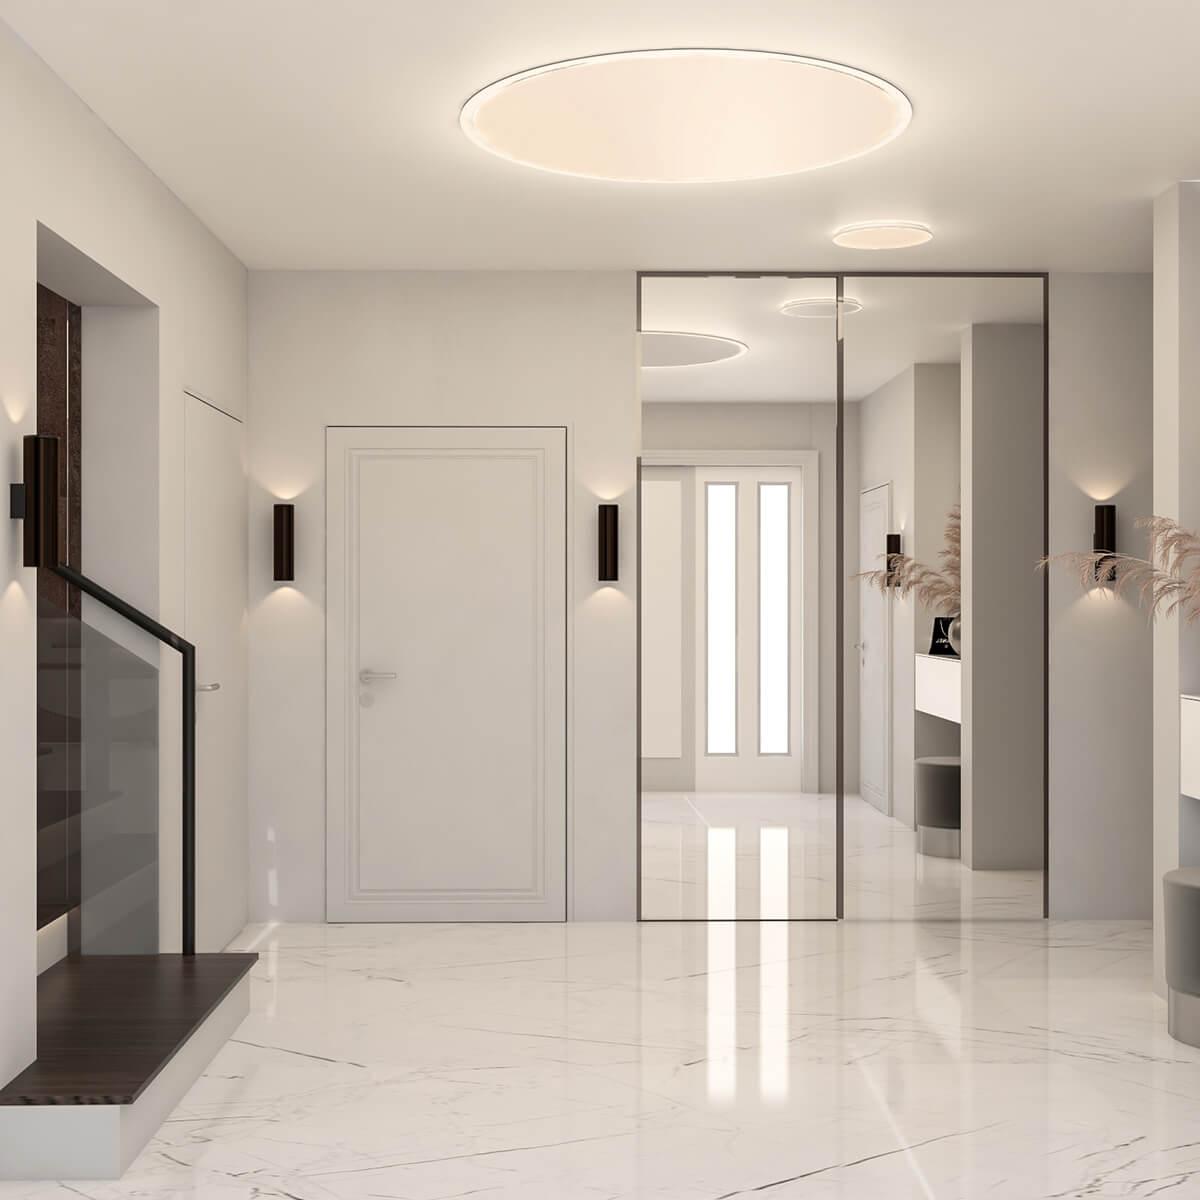 interioren-dizain-na-kashta-proekt-na-stalbishte